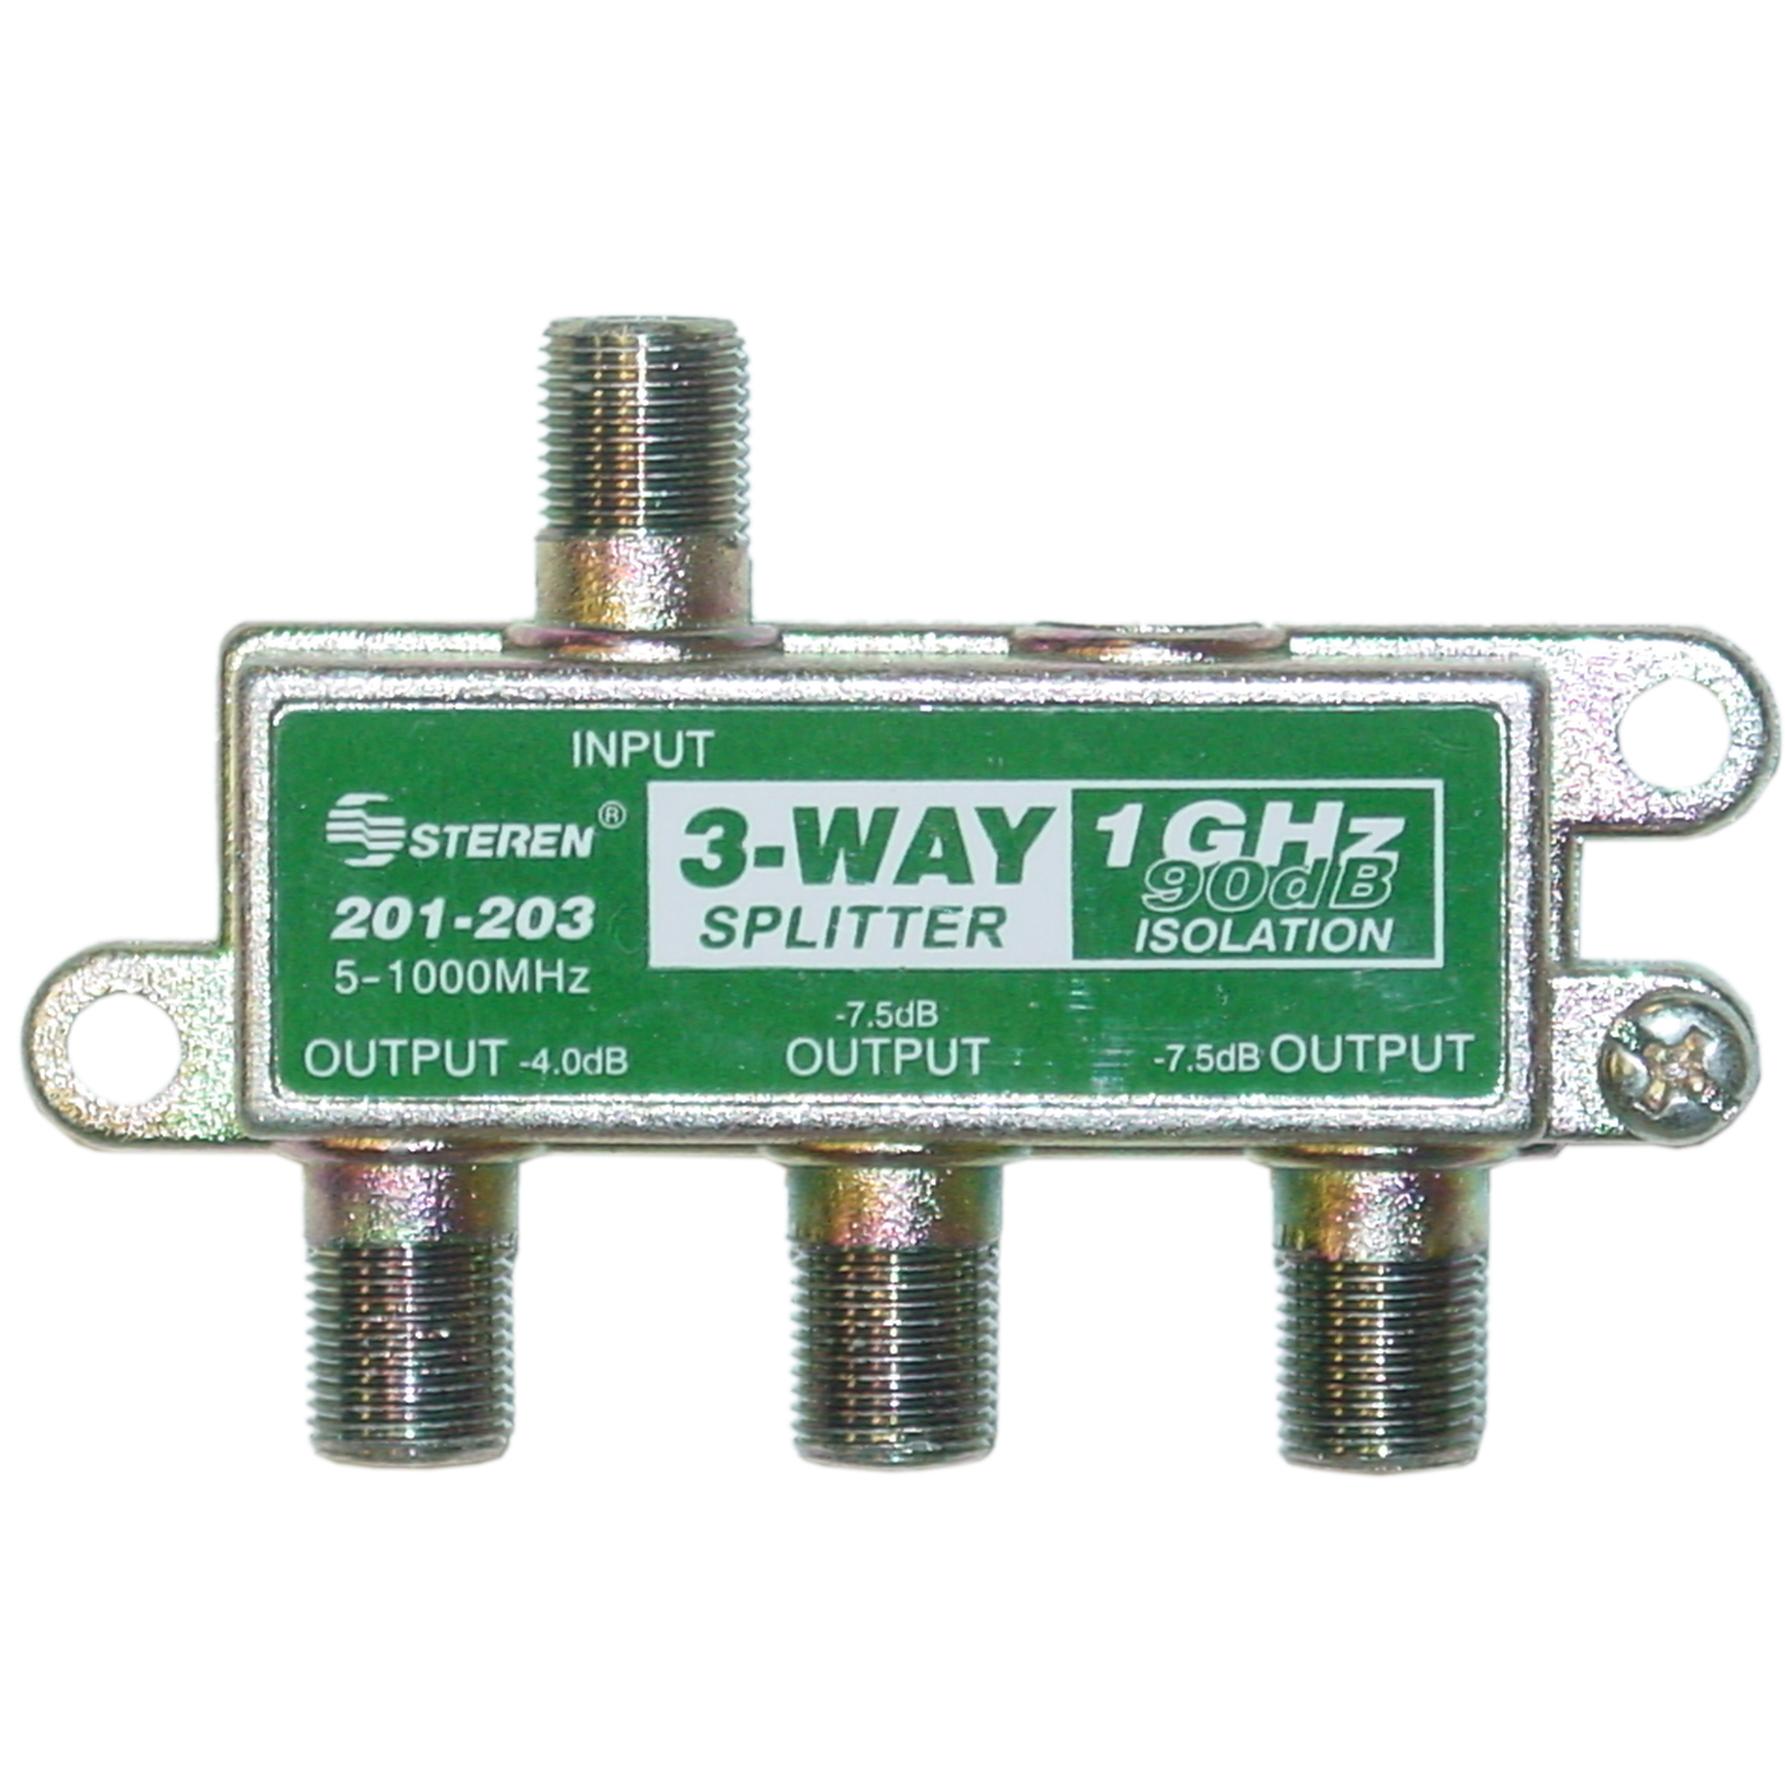 Digital Cable Splitter : Way coaxial splitter ghz db